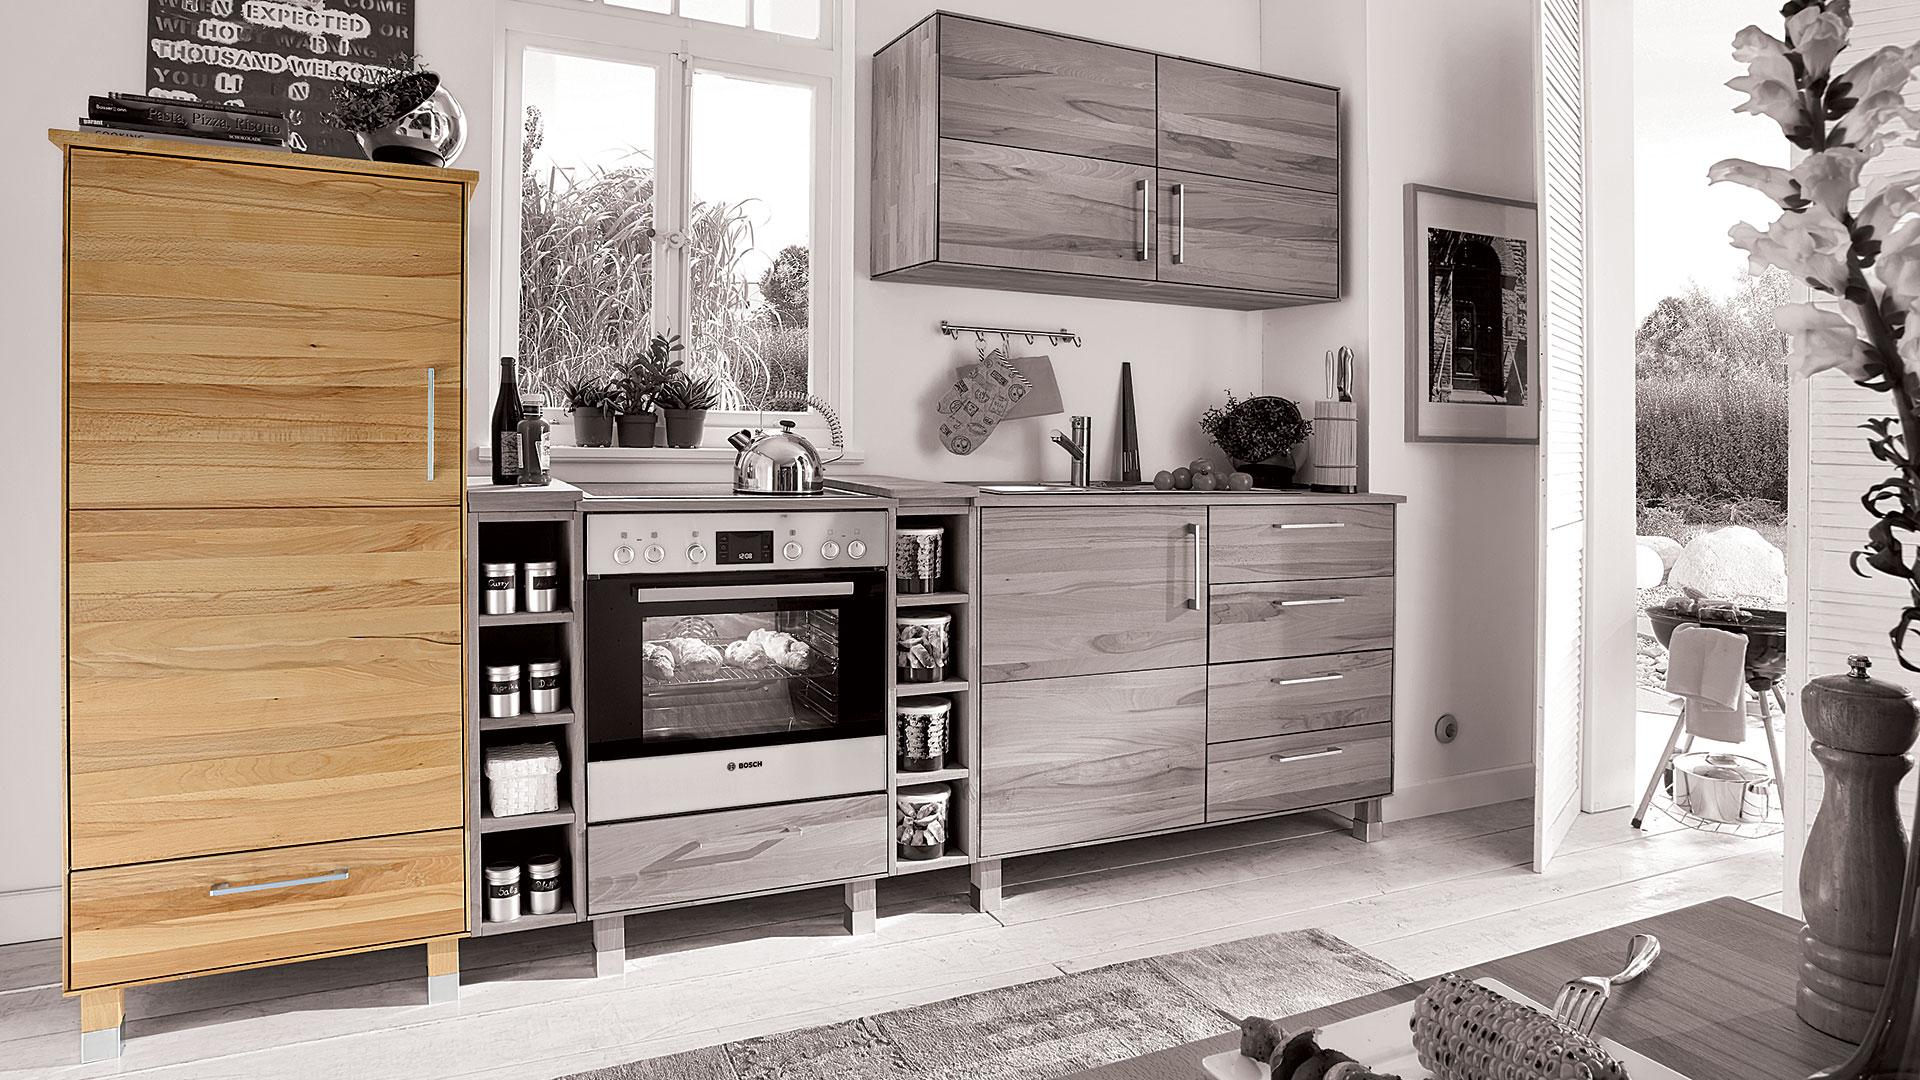 Kleiner Kühlschrank Wohnzimmer : Russell hobbs rhttlf b mini kühlschrank liter kühlteil